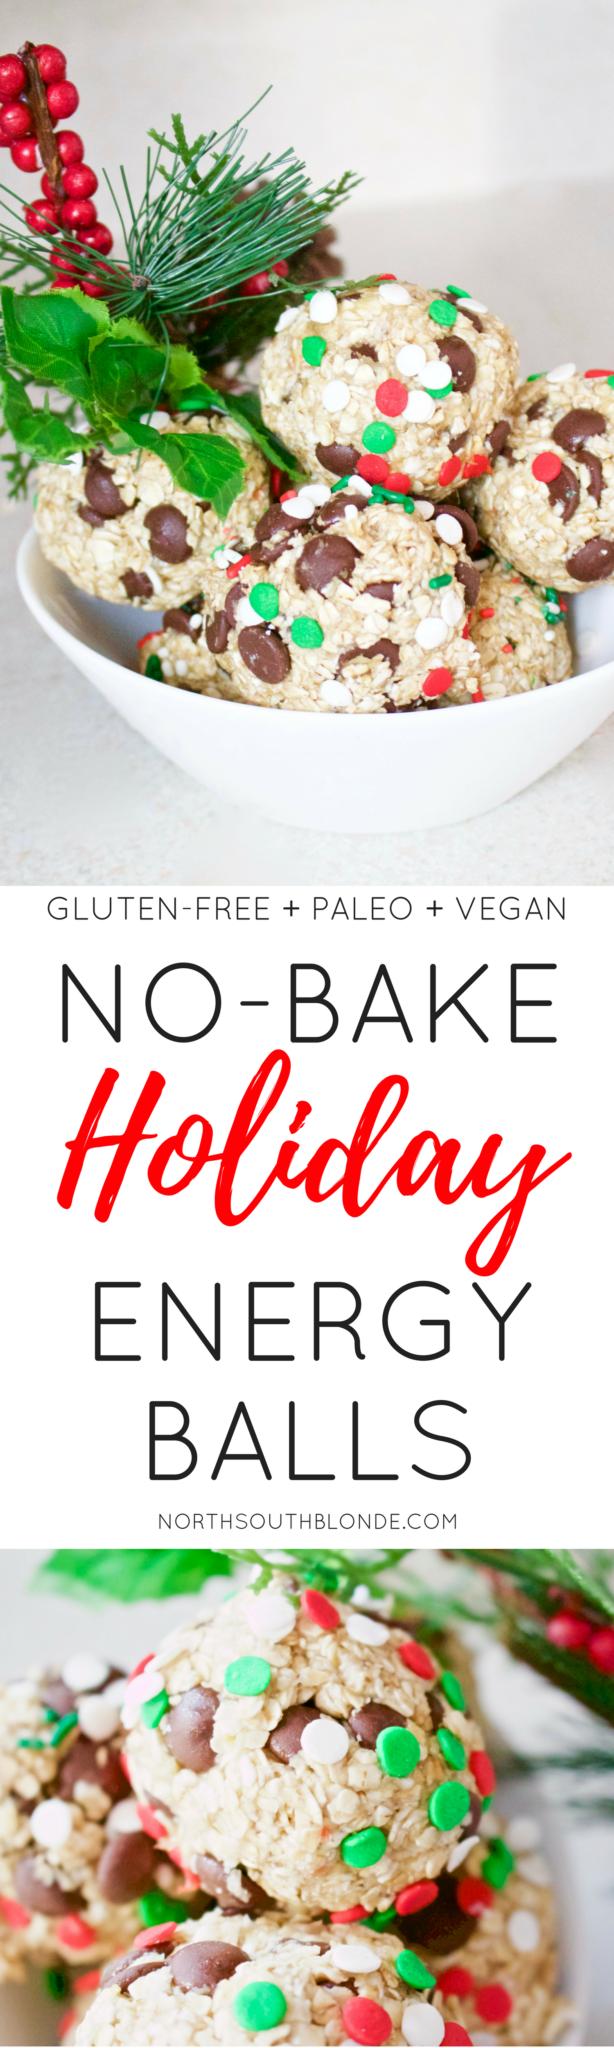 No Bake Holiday Energy Balls (Gluten-Free, Paleo, Vegan)